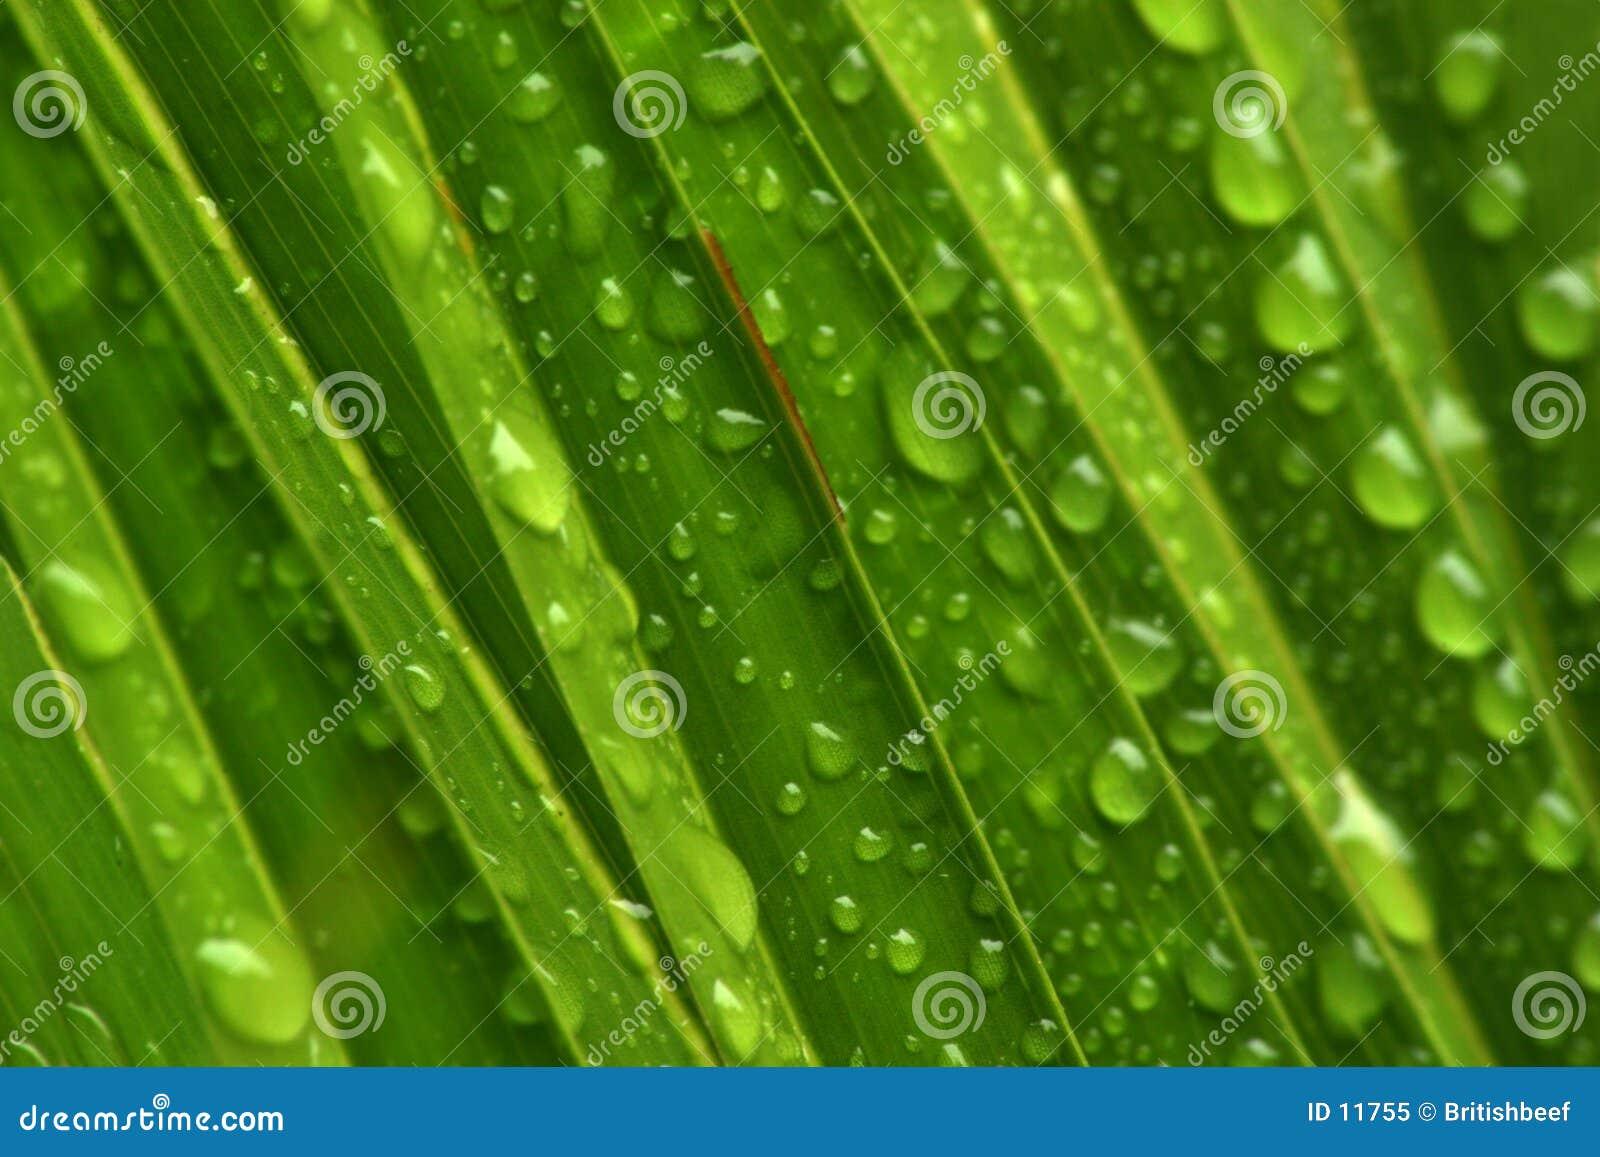 Zielone kropel wody